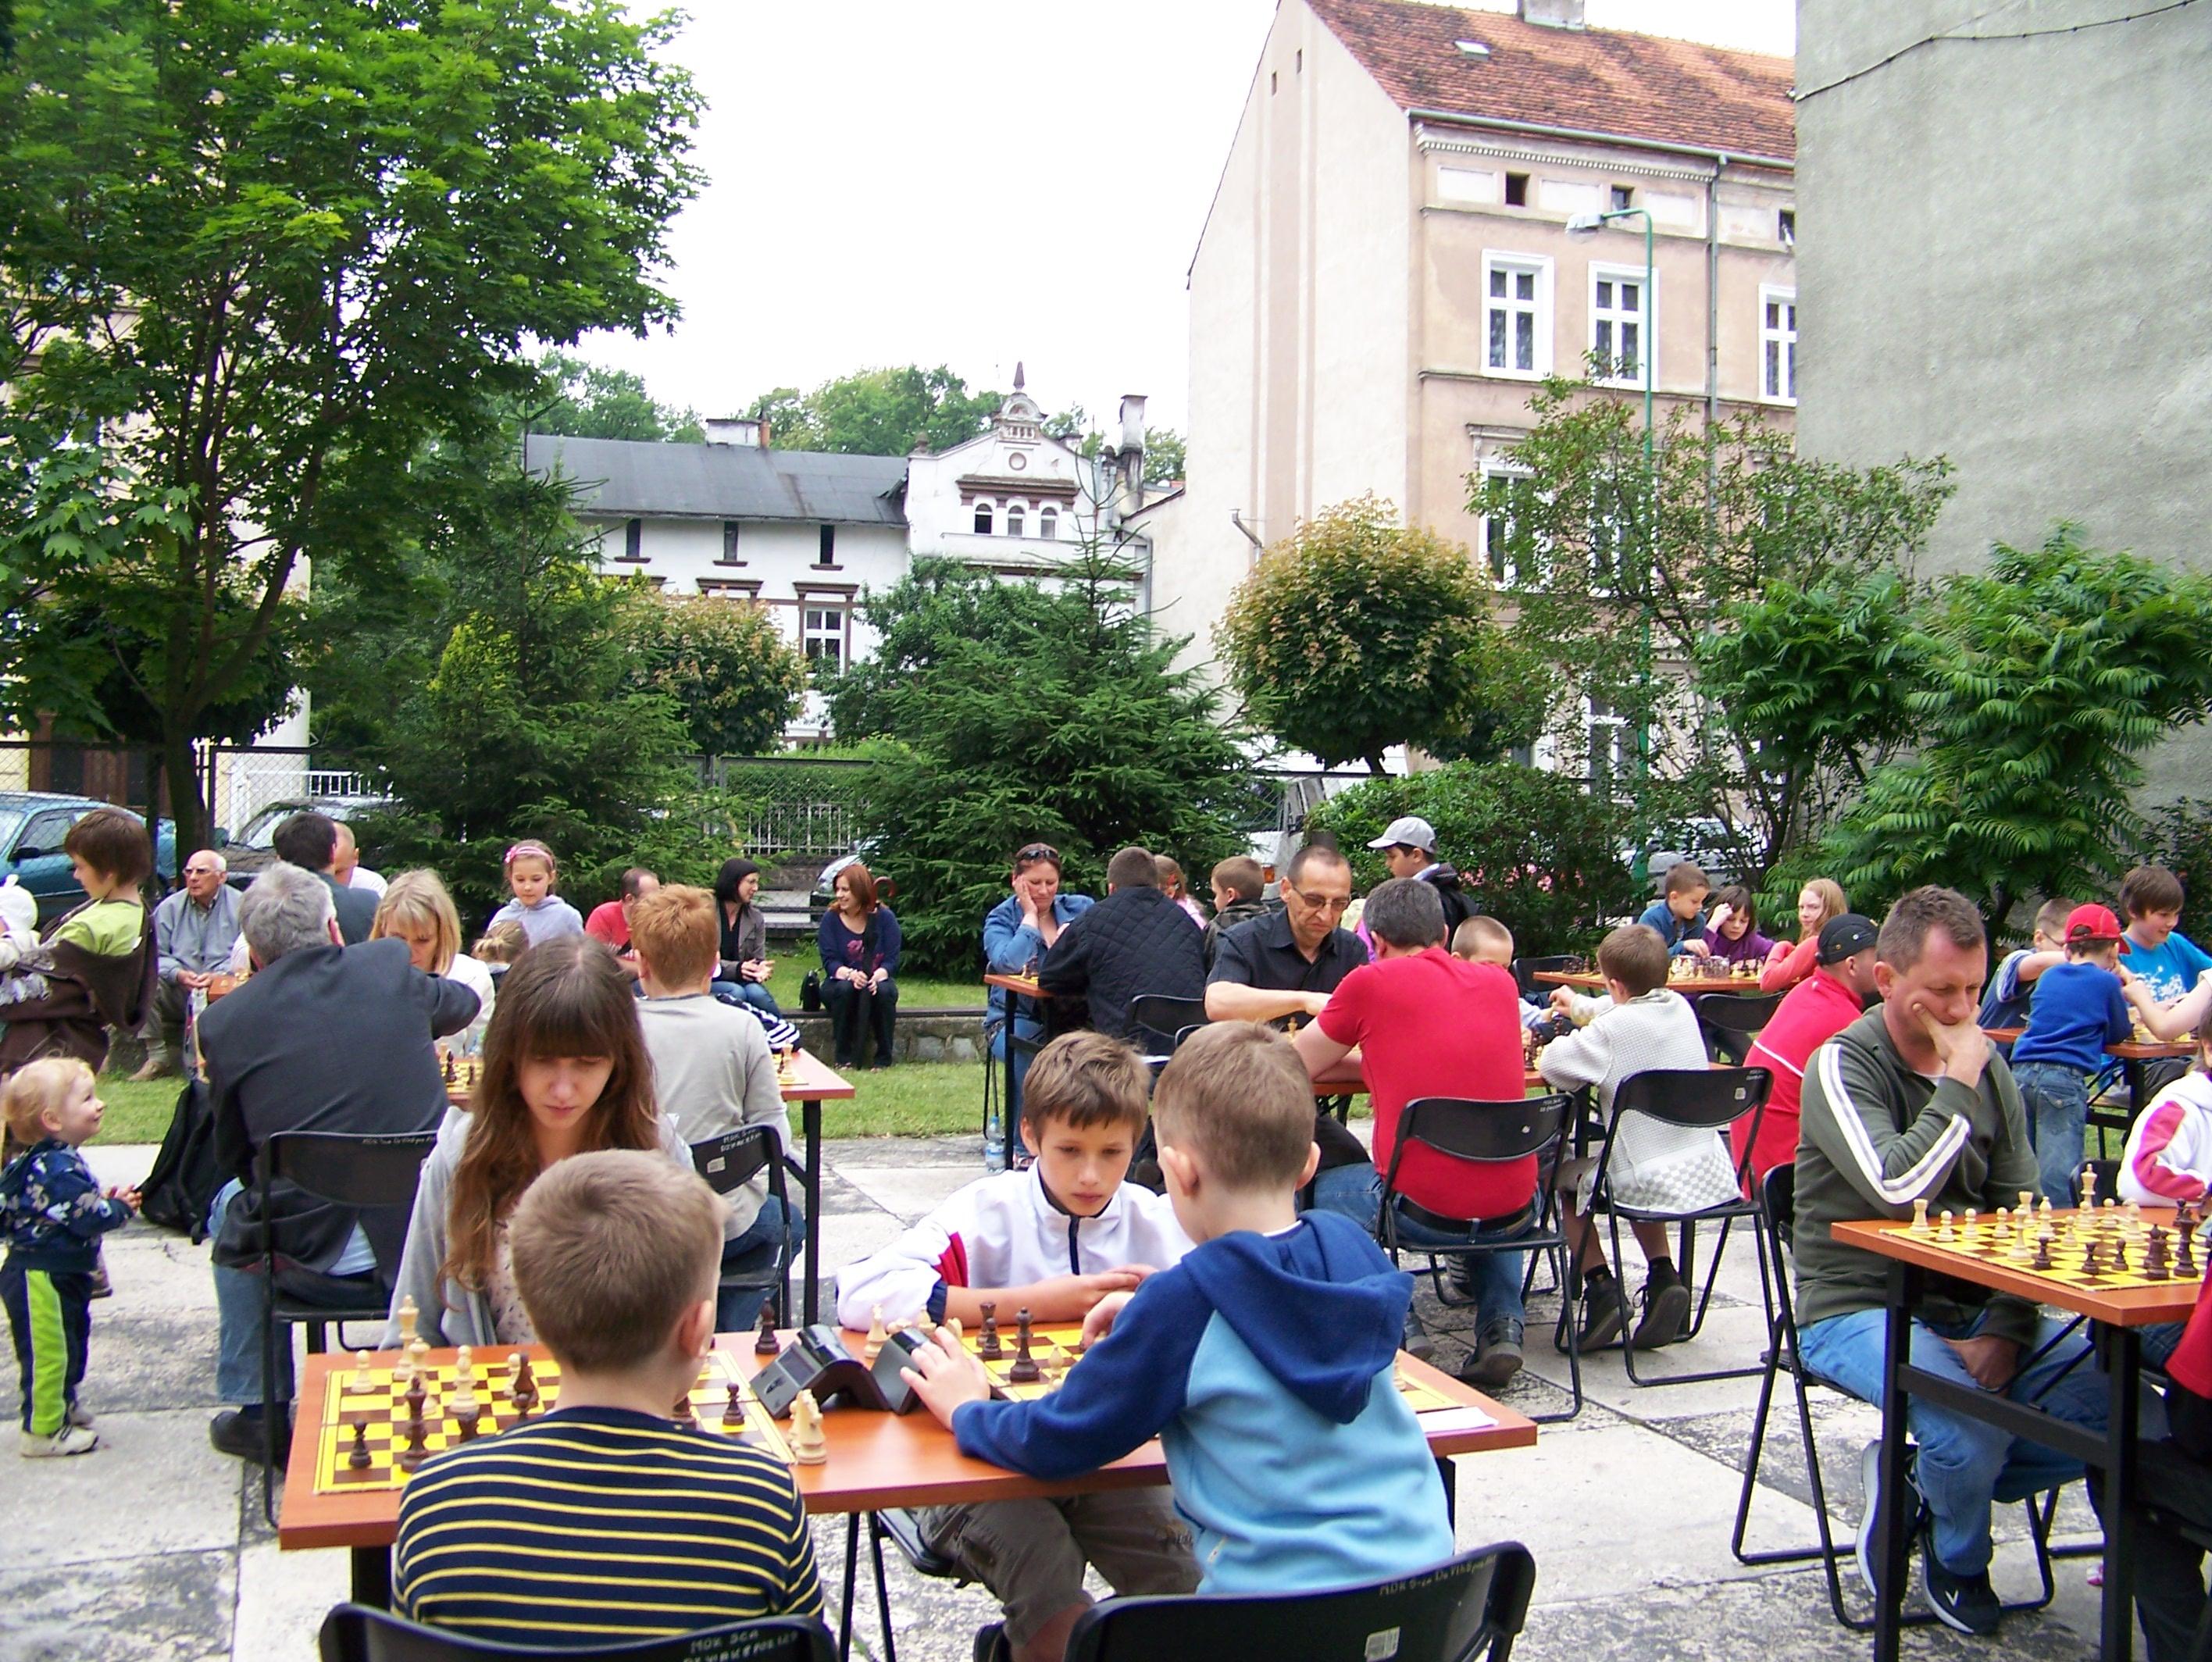 """II Turniej Szachowy """"Rodzinna Gra w Szachy"""" w ramach Festynu Rodzinnego MDK, Świdnica, 13.06.2012"""